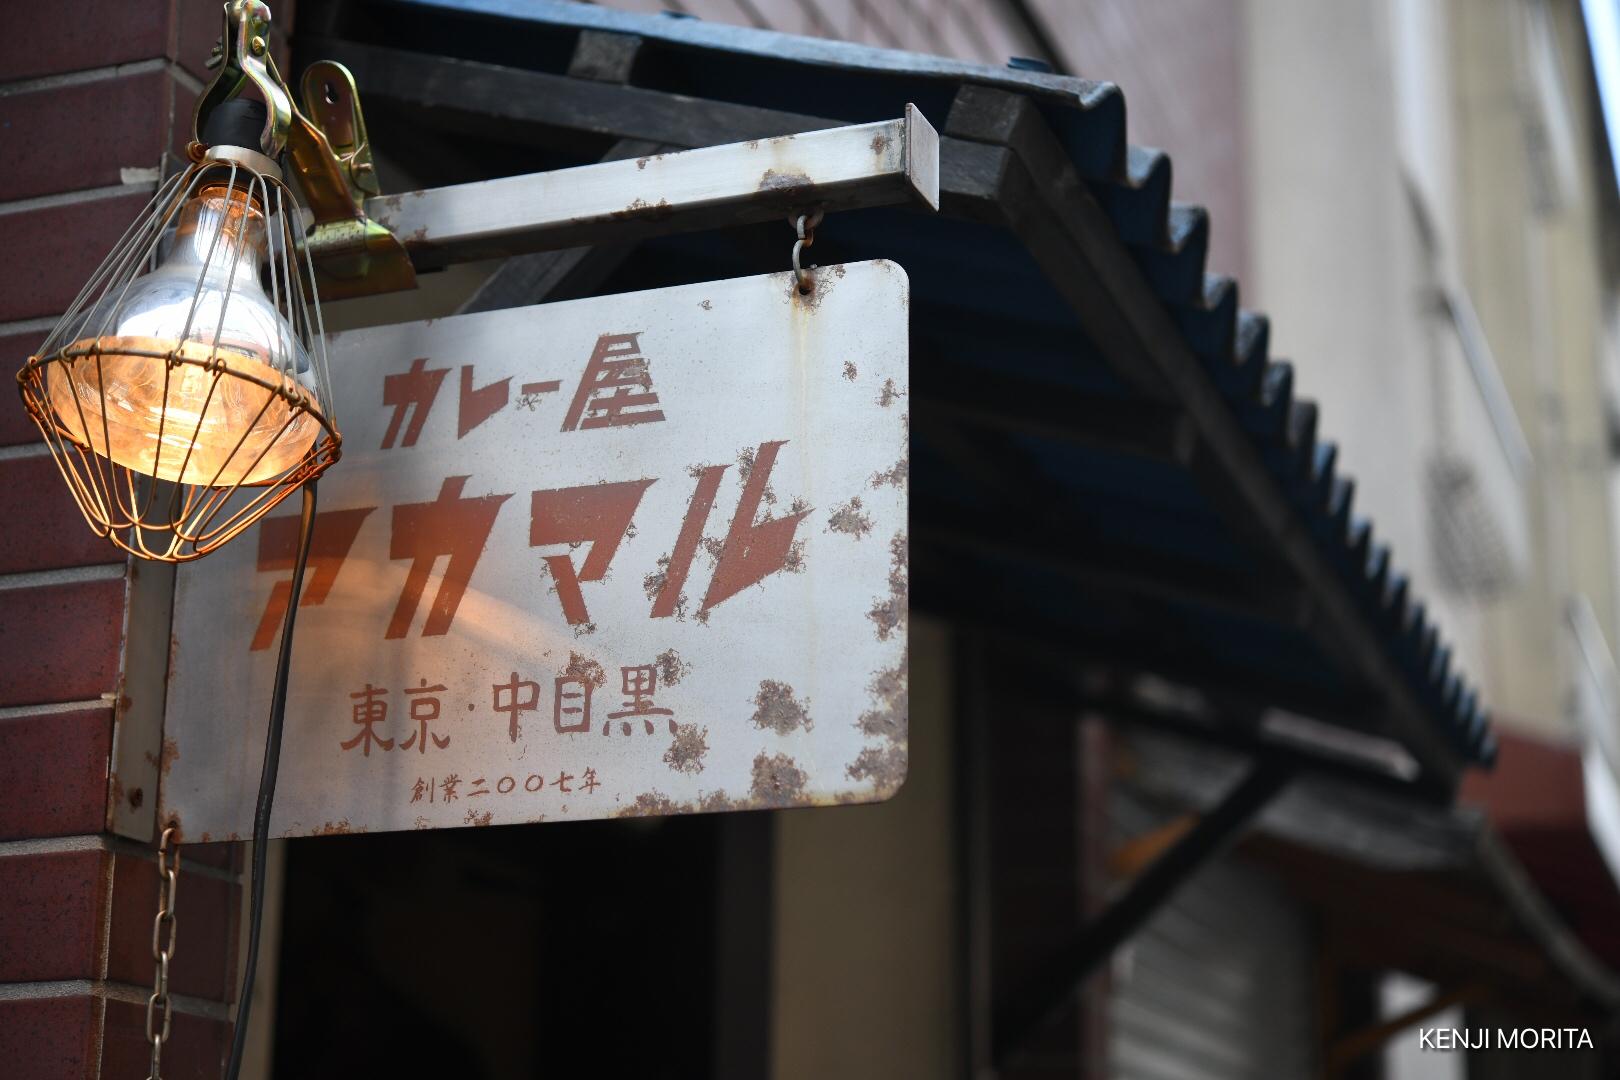 中目黒 カレー屋アカマルの看板